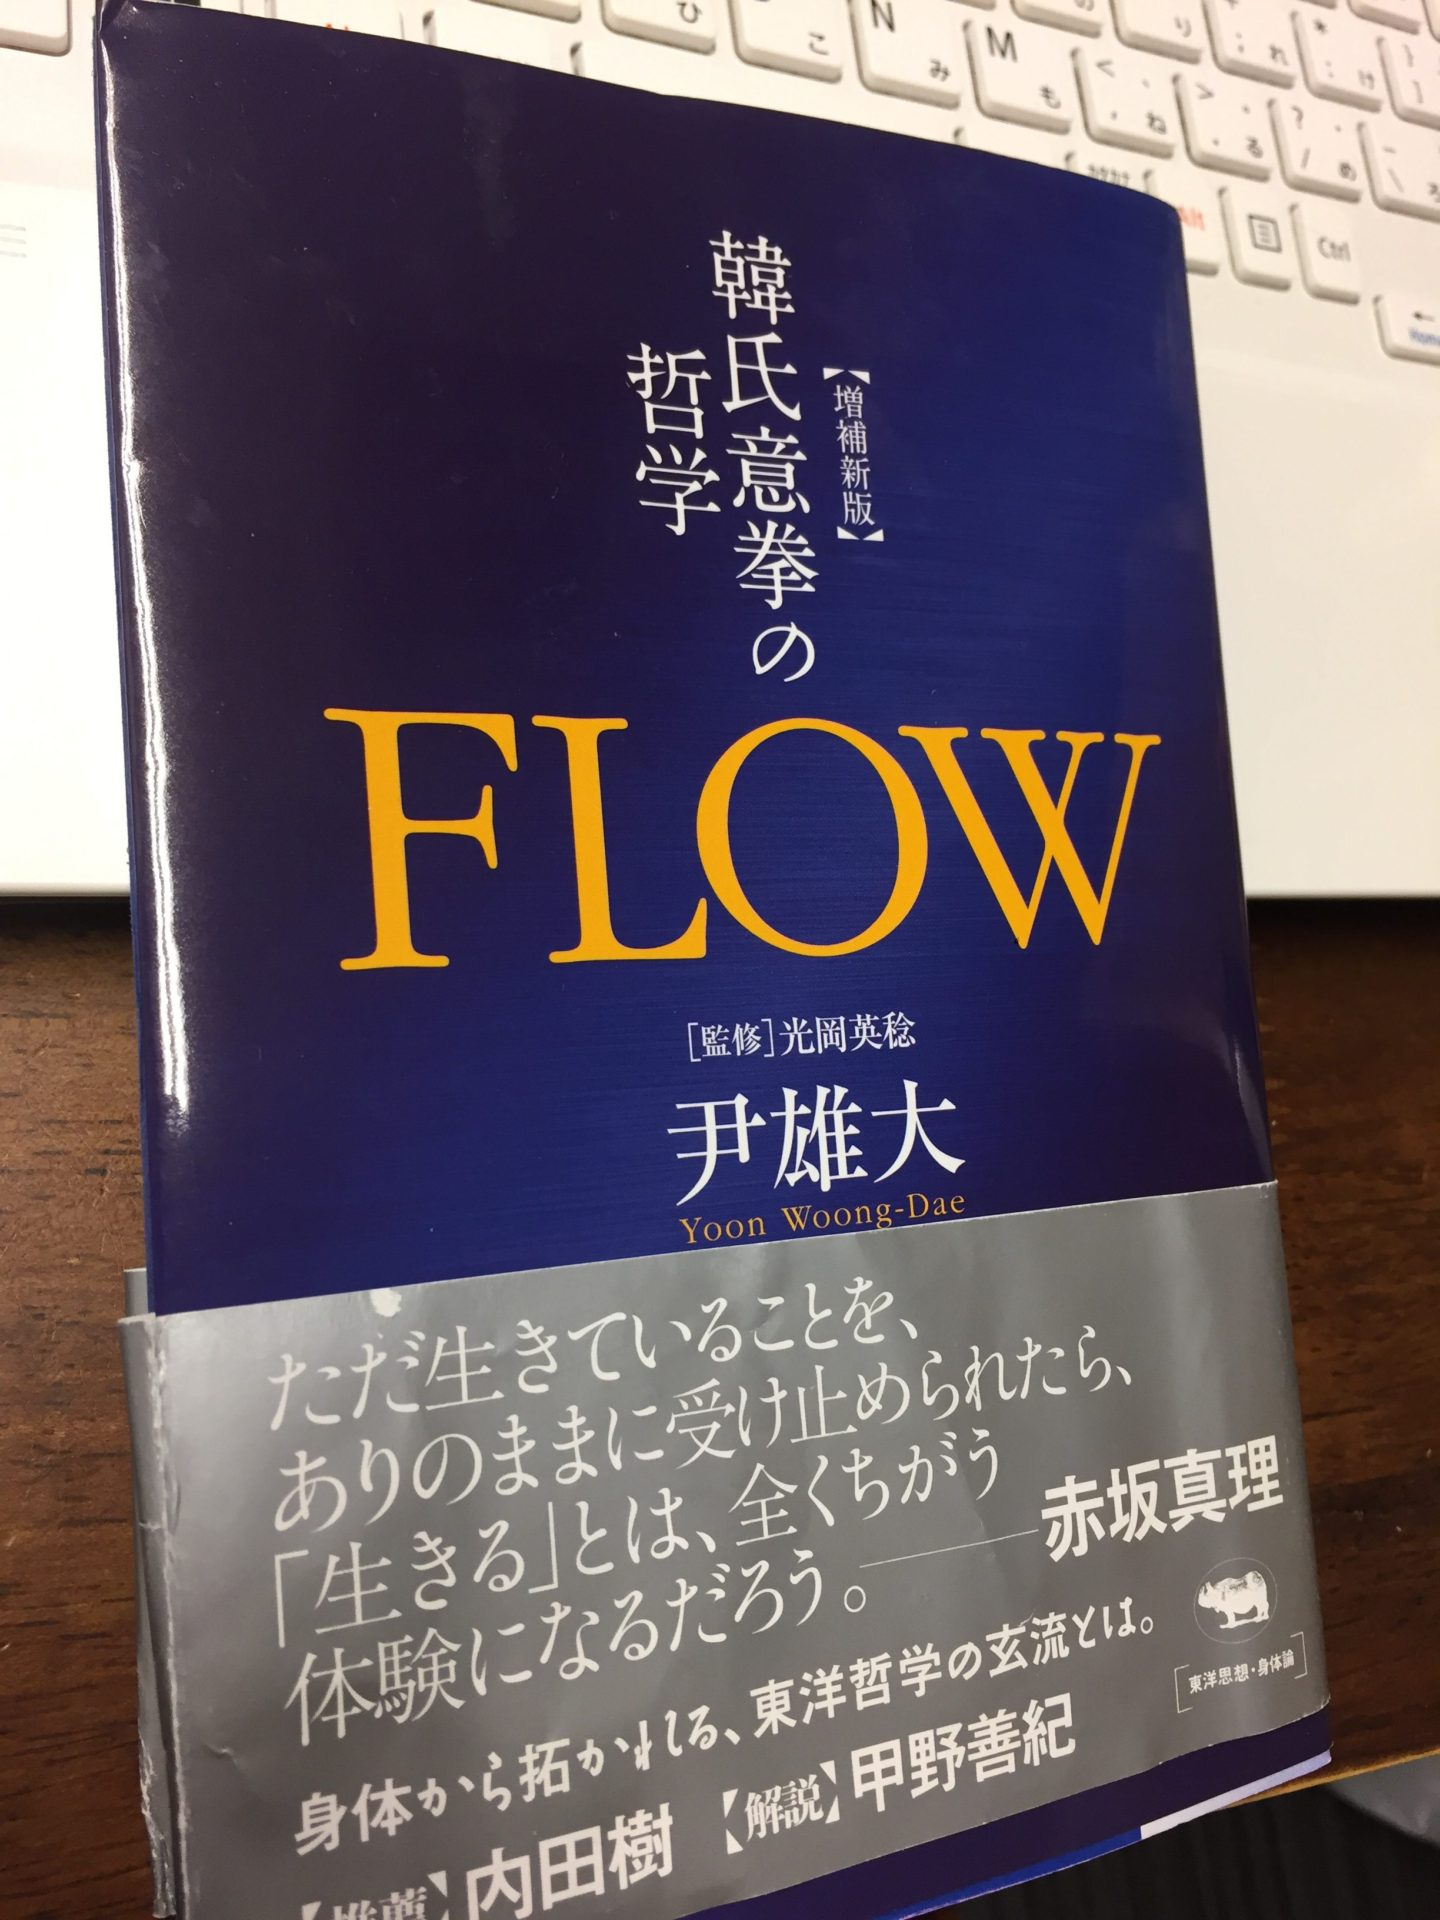 韓氏意見の哲学 FLOW